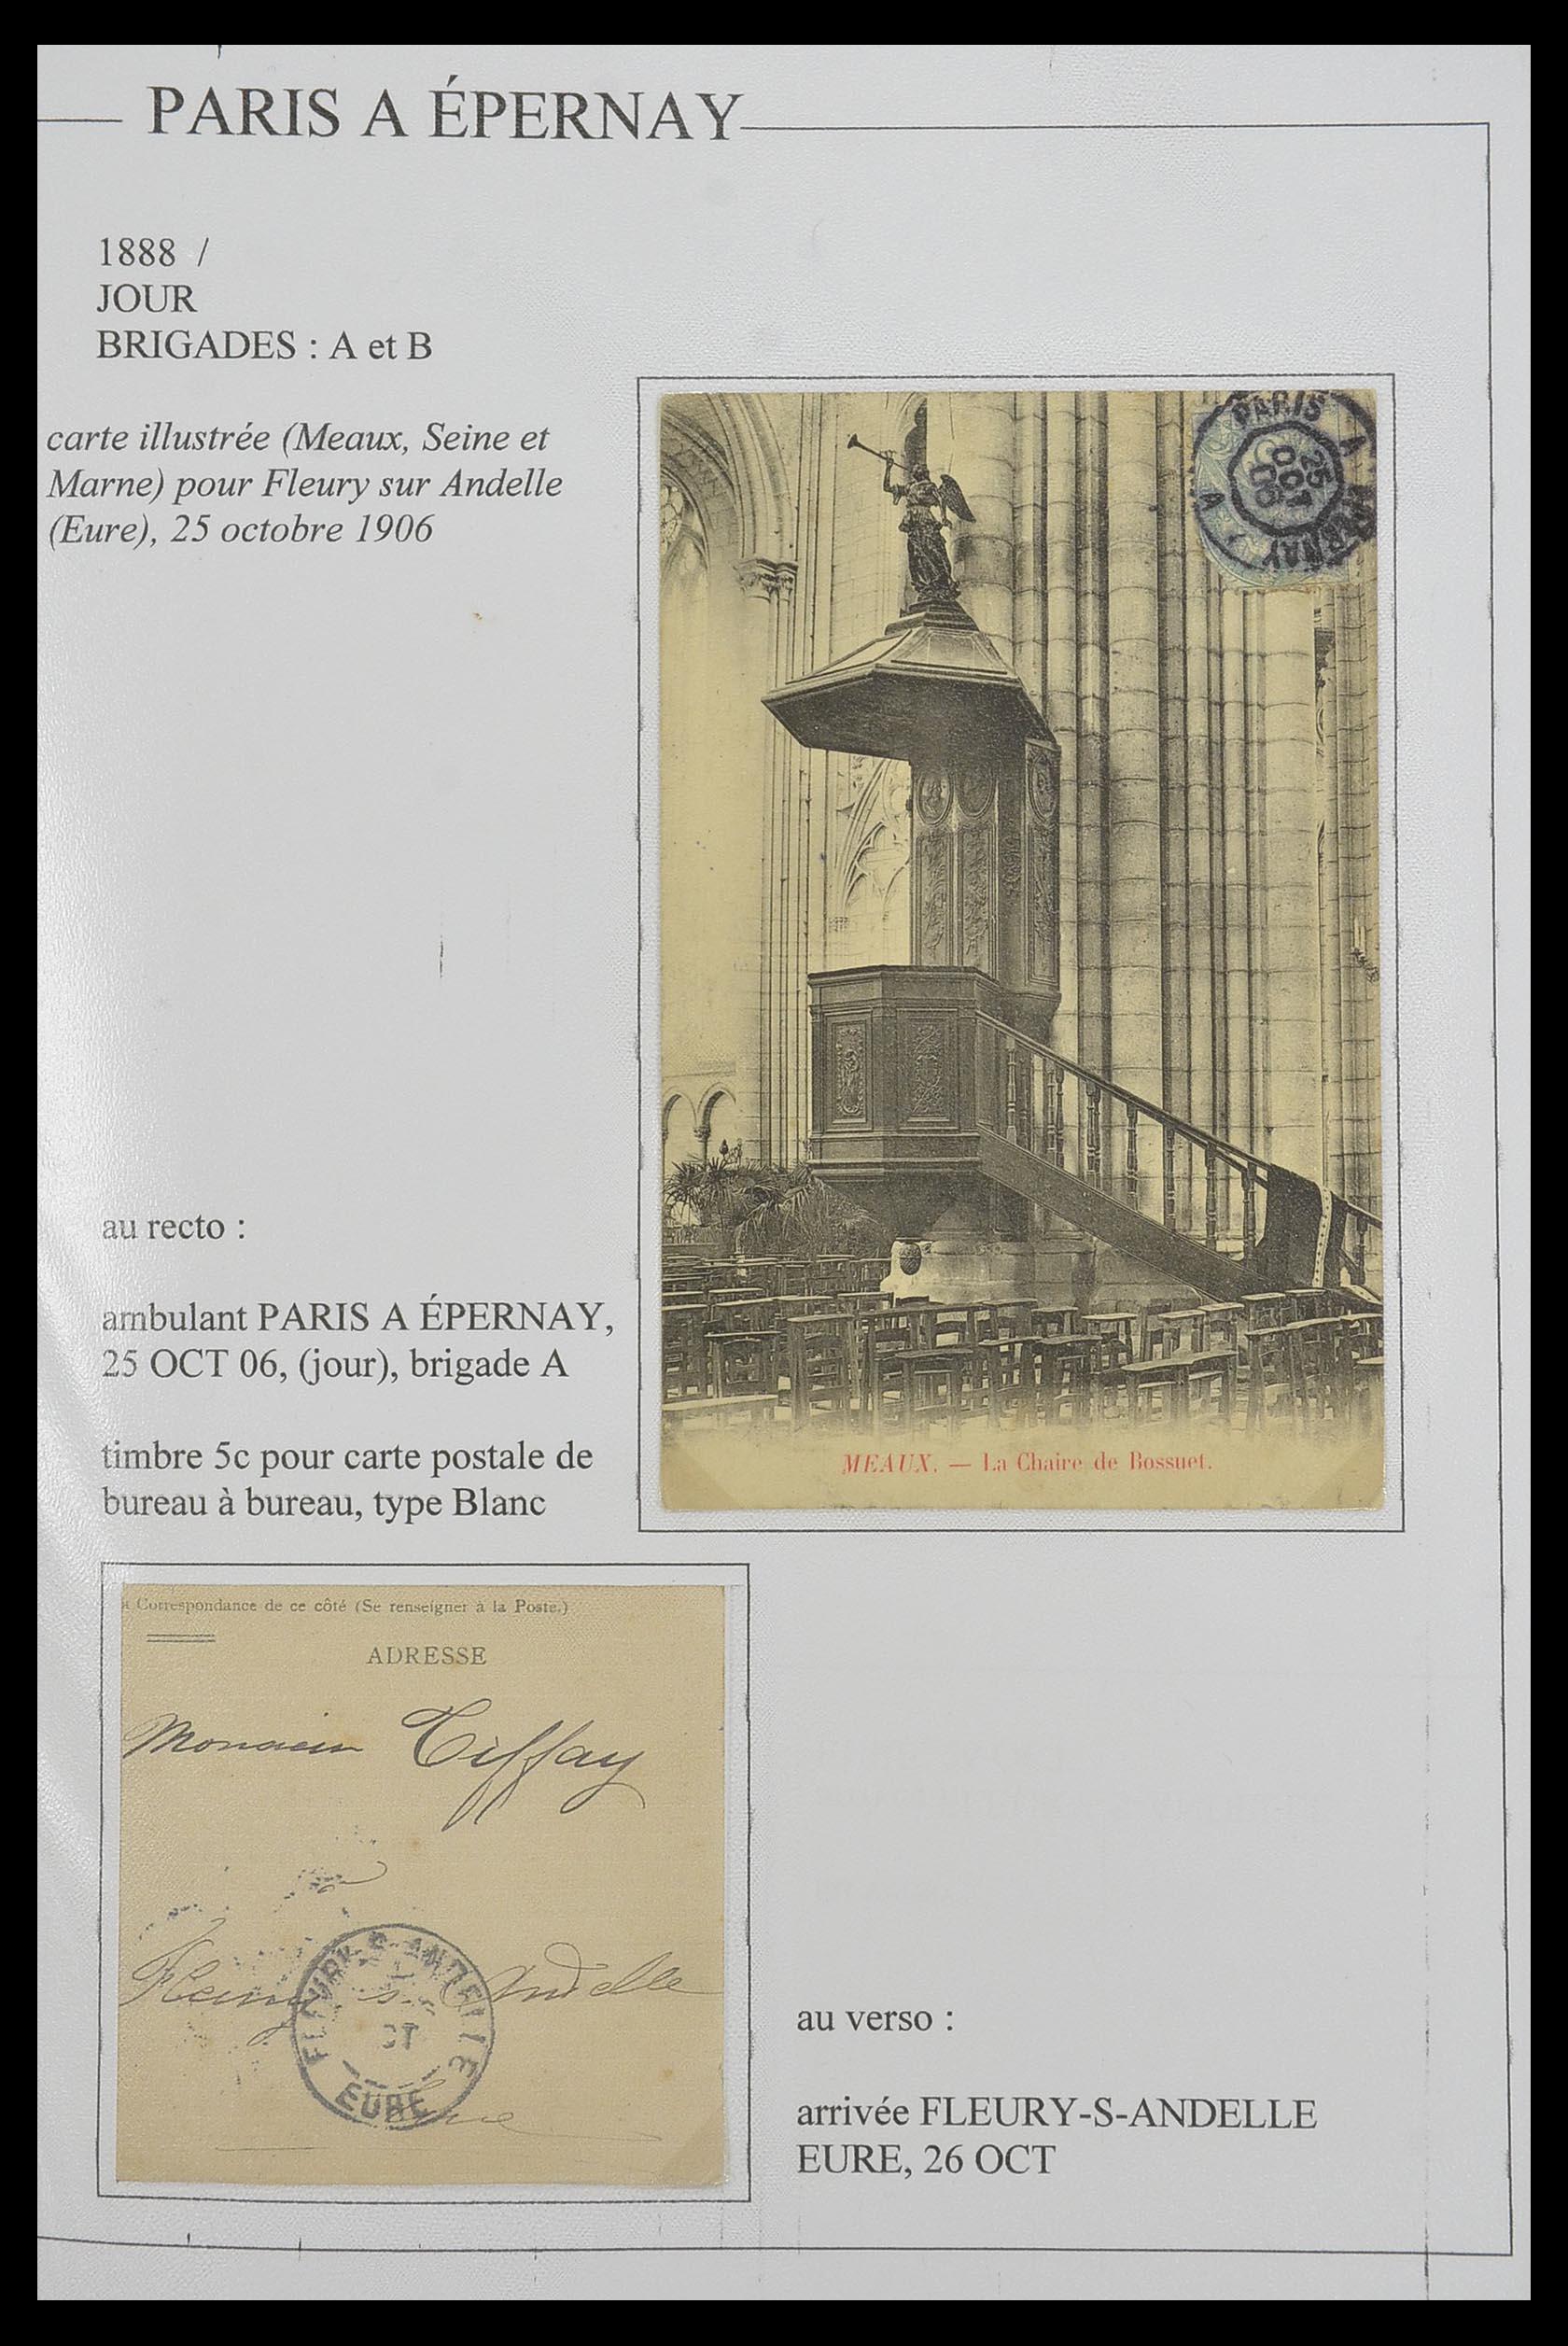 33624 011 - Postzegelverzameling 33624 Frankrijk brieven 1854-1907.